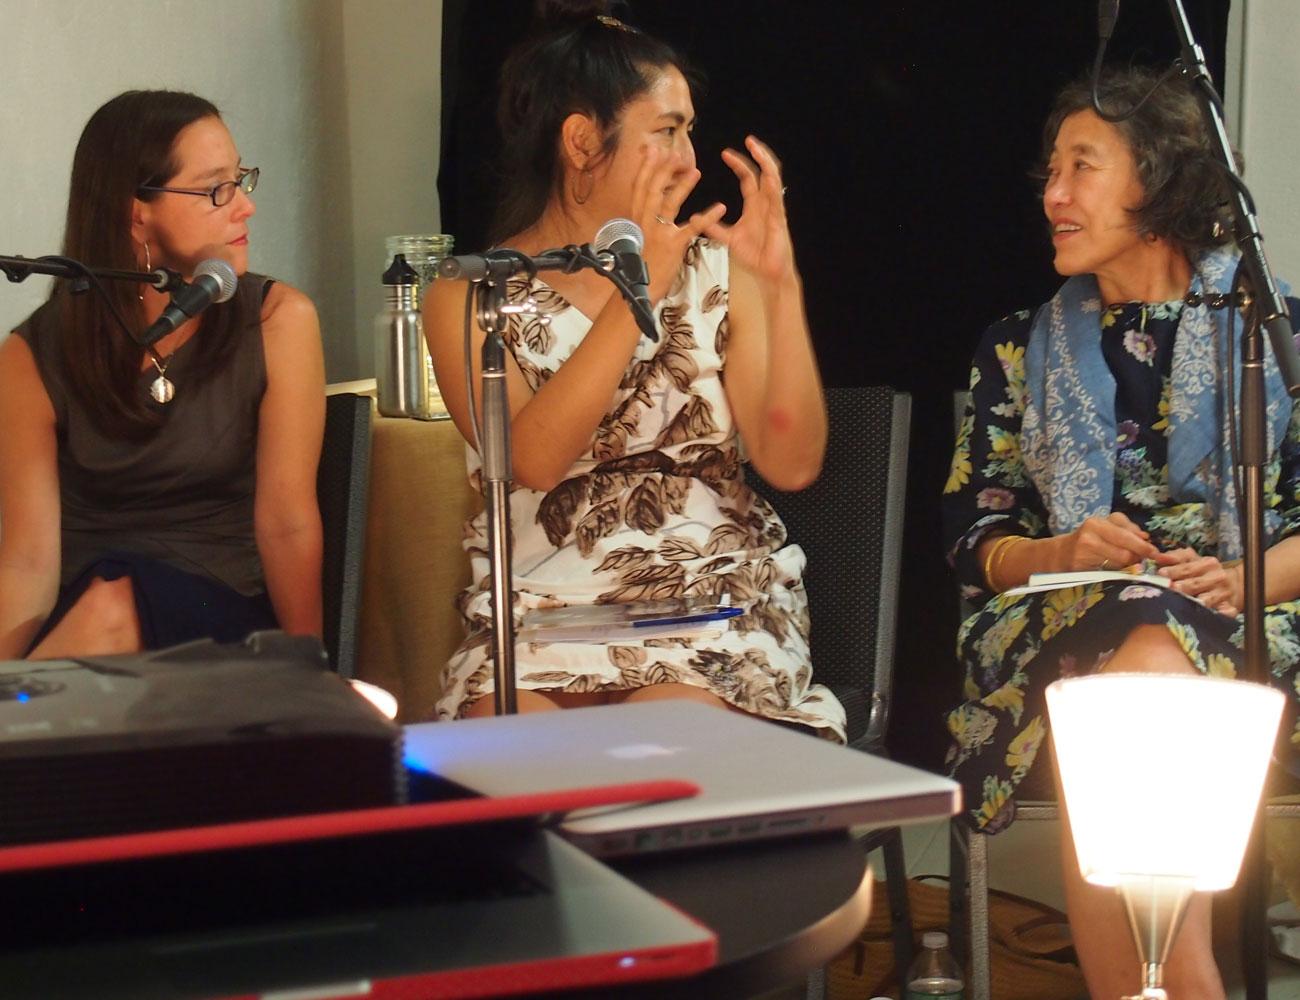 Janine and Mei-mei in conversation